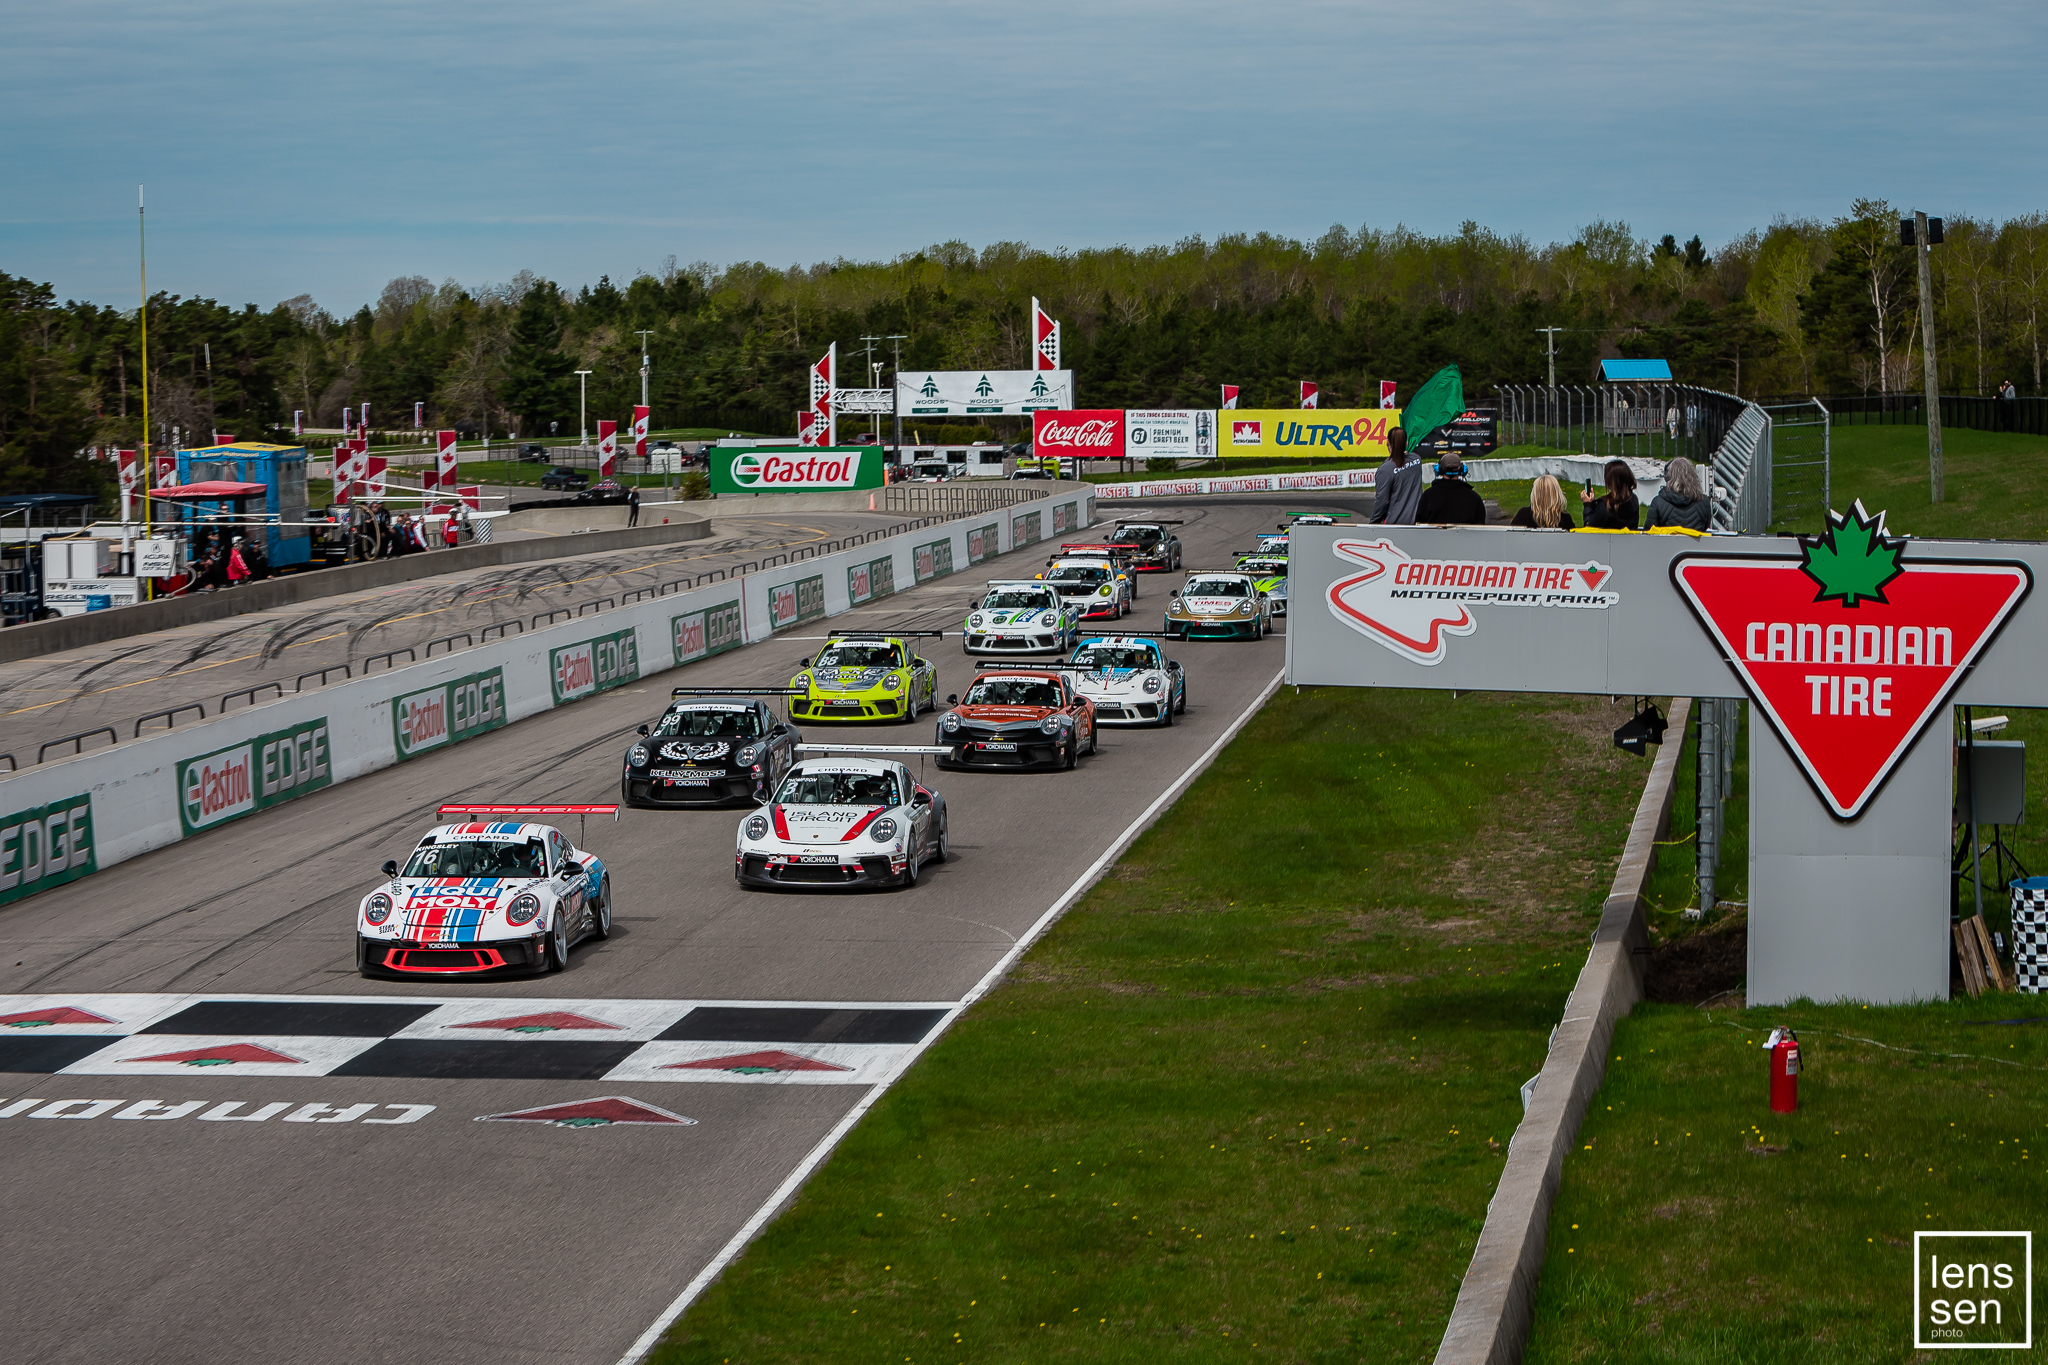 Porsche GT3 Cup Challenge Canada - 052019 - CTMP Mosport VDS 2019 - Lenssen Photo - 141 -8237.jpg